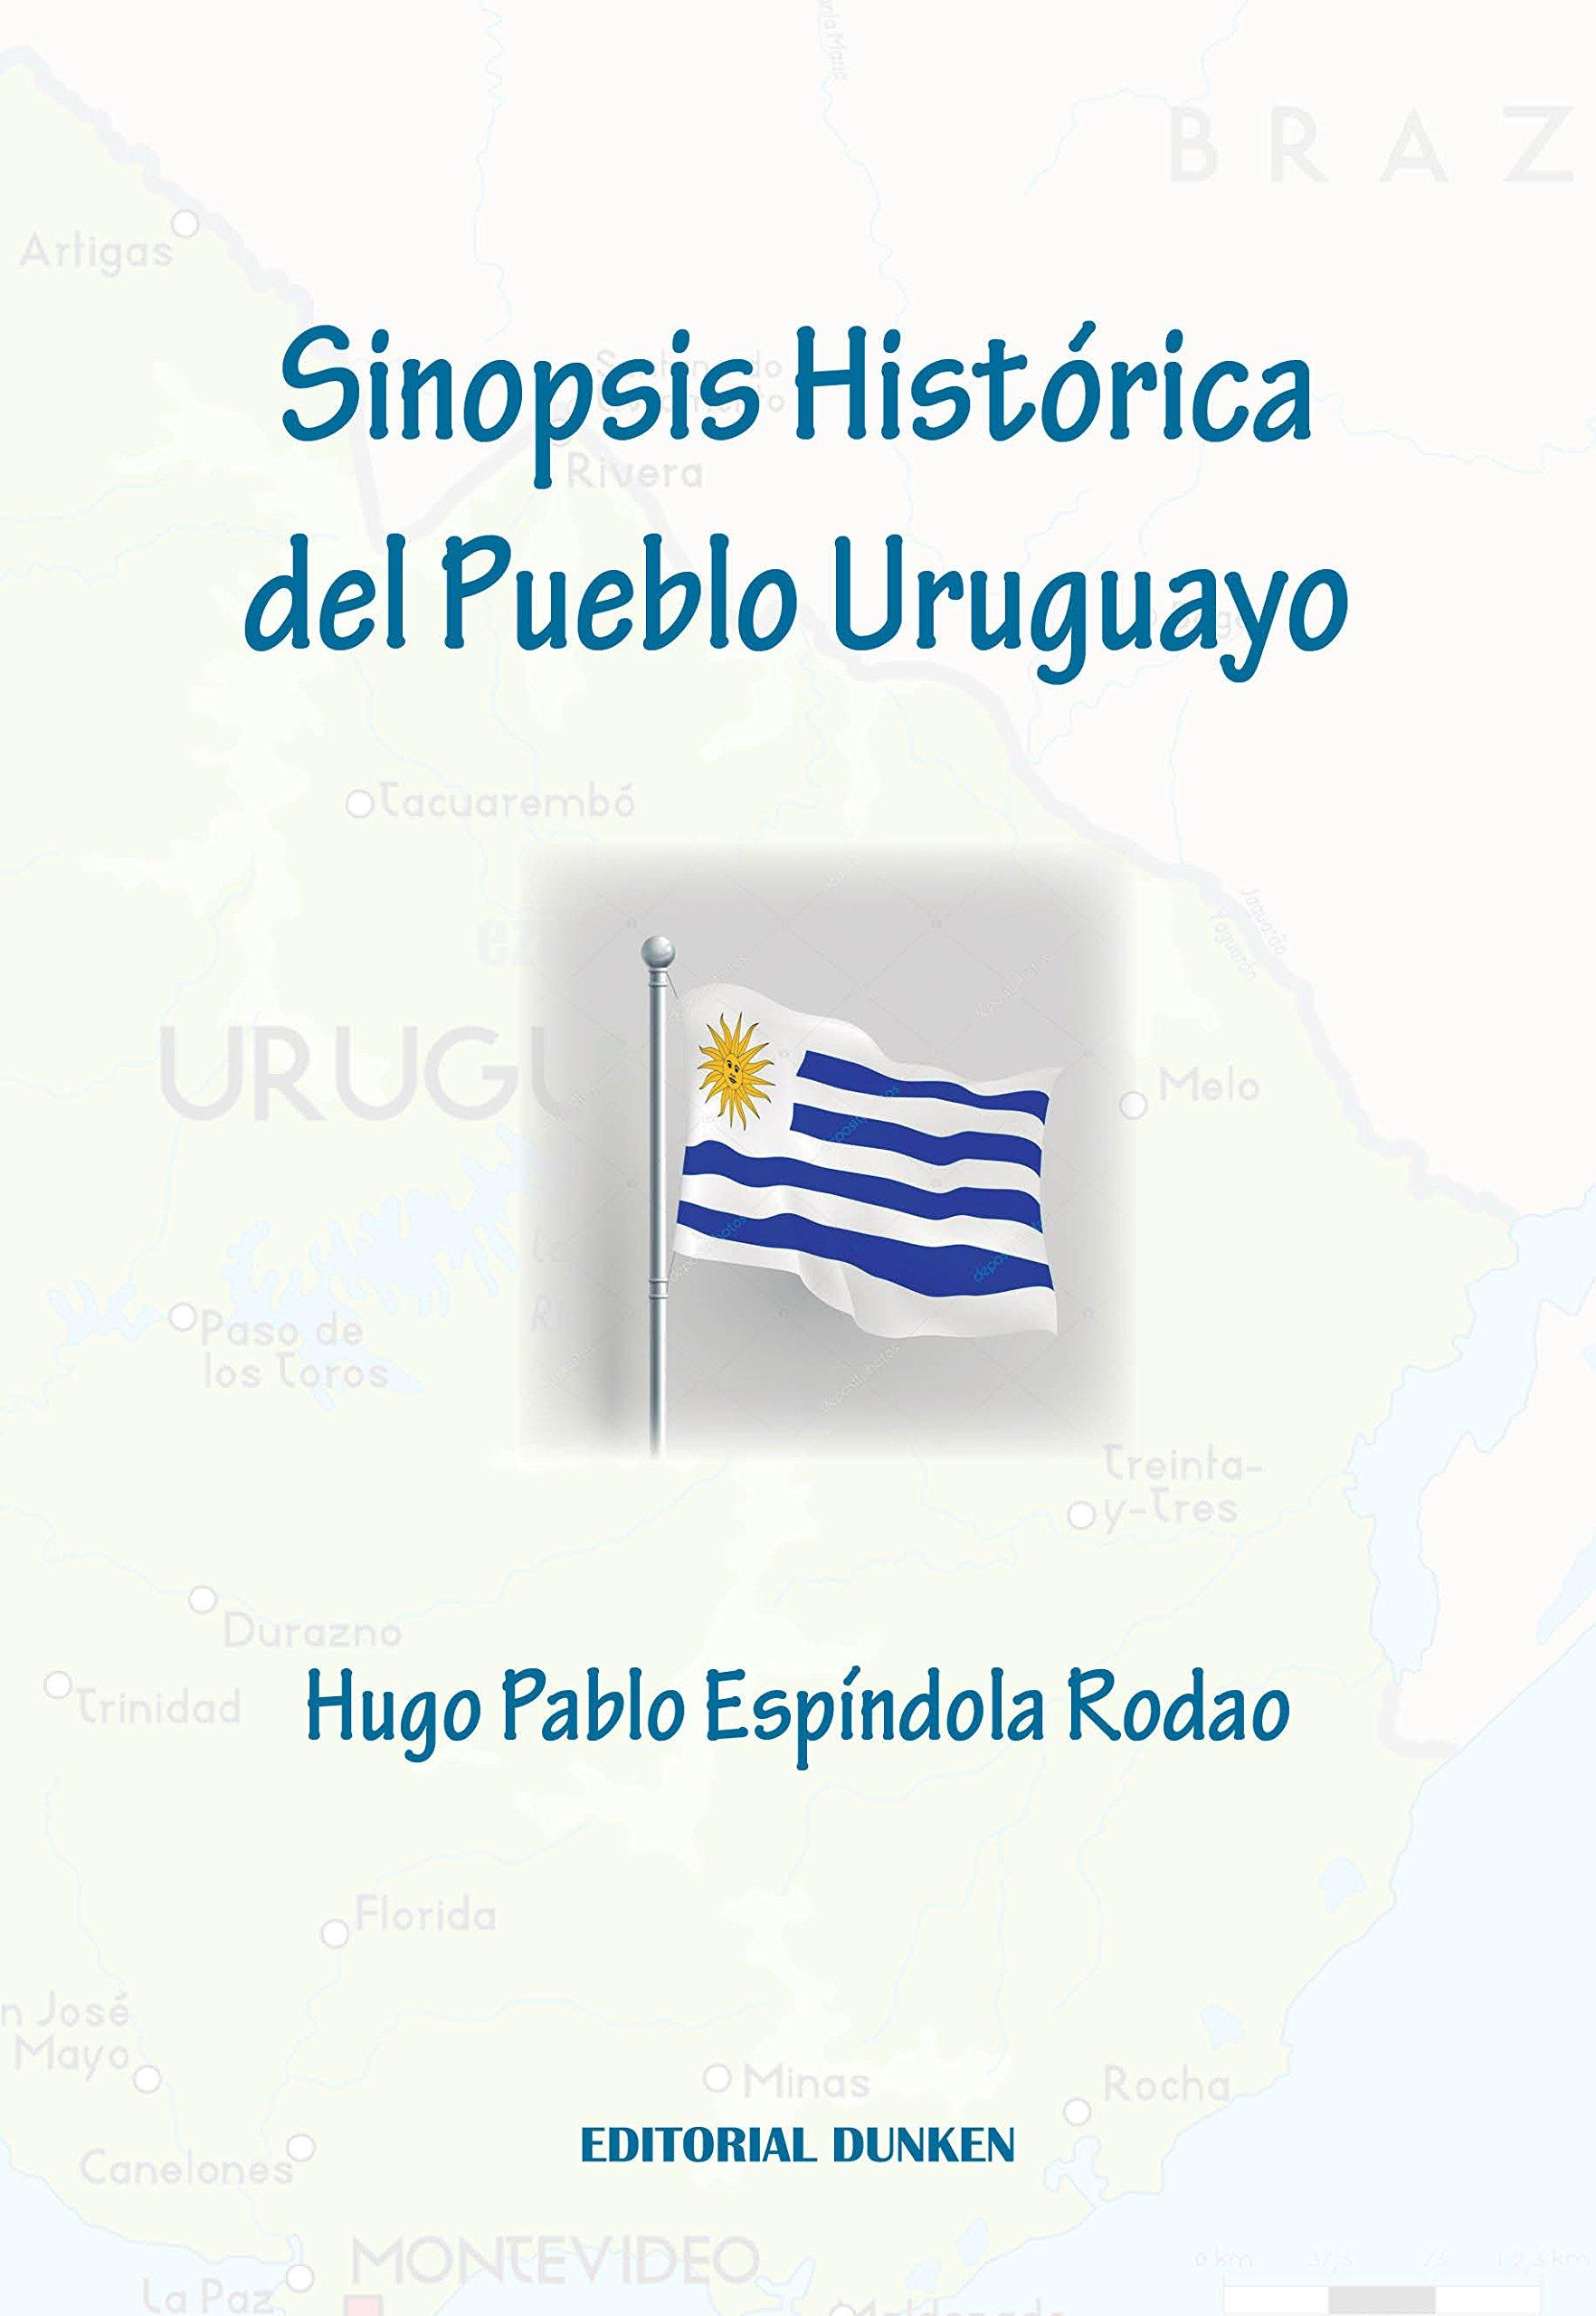 Sinopsis Histórica del Pueblo Uruguayo ebook